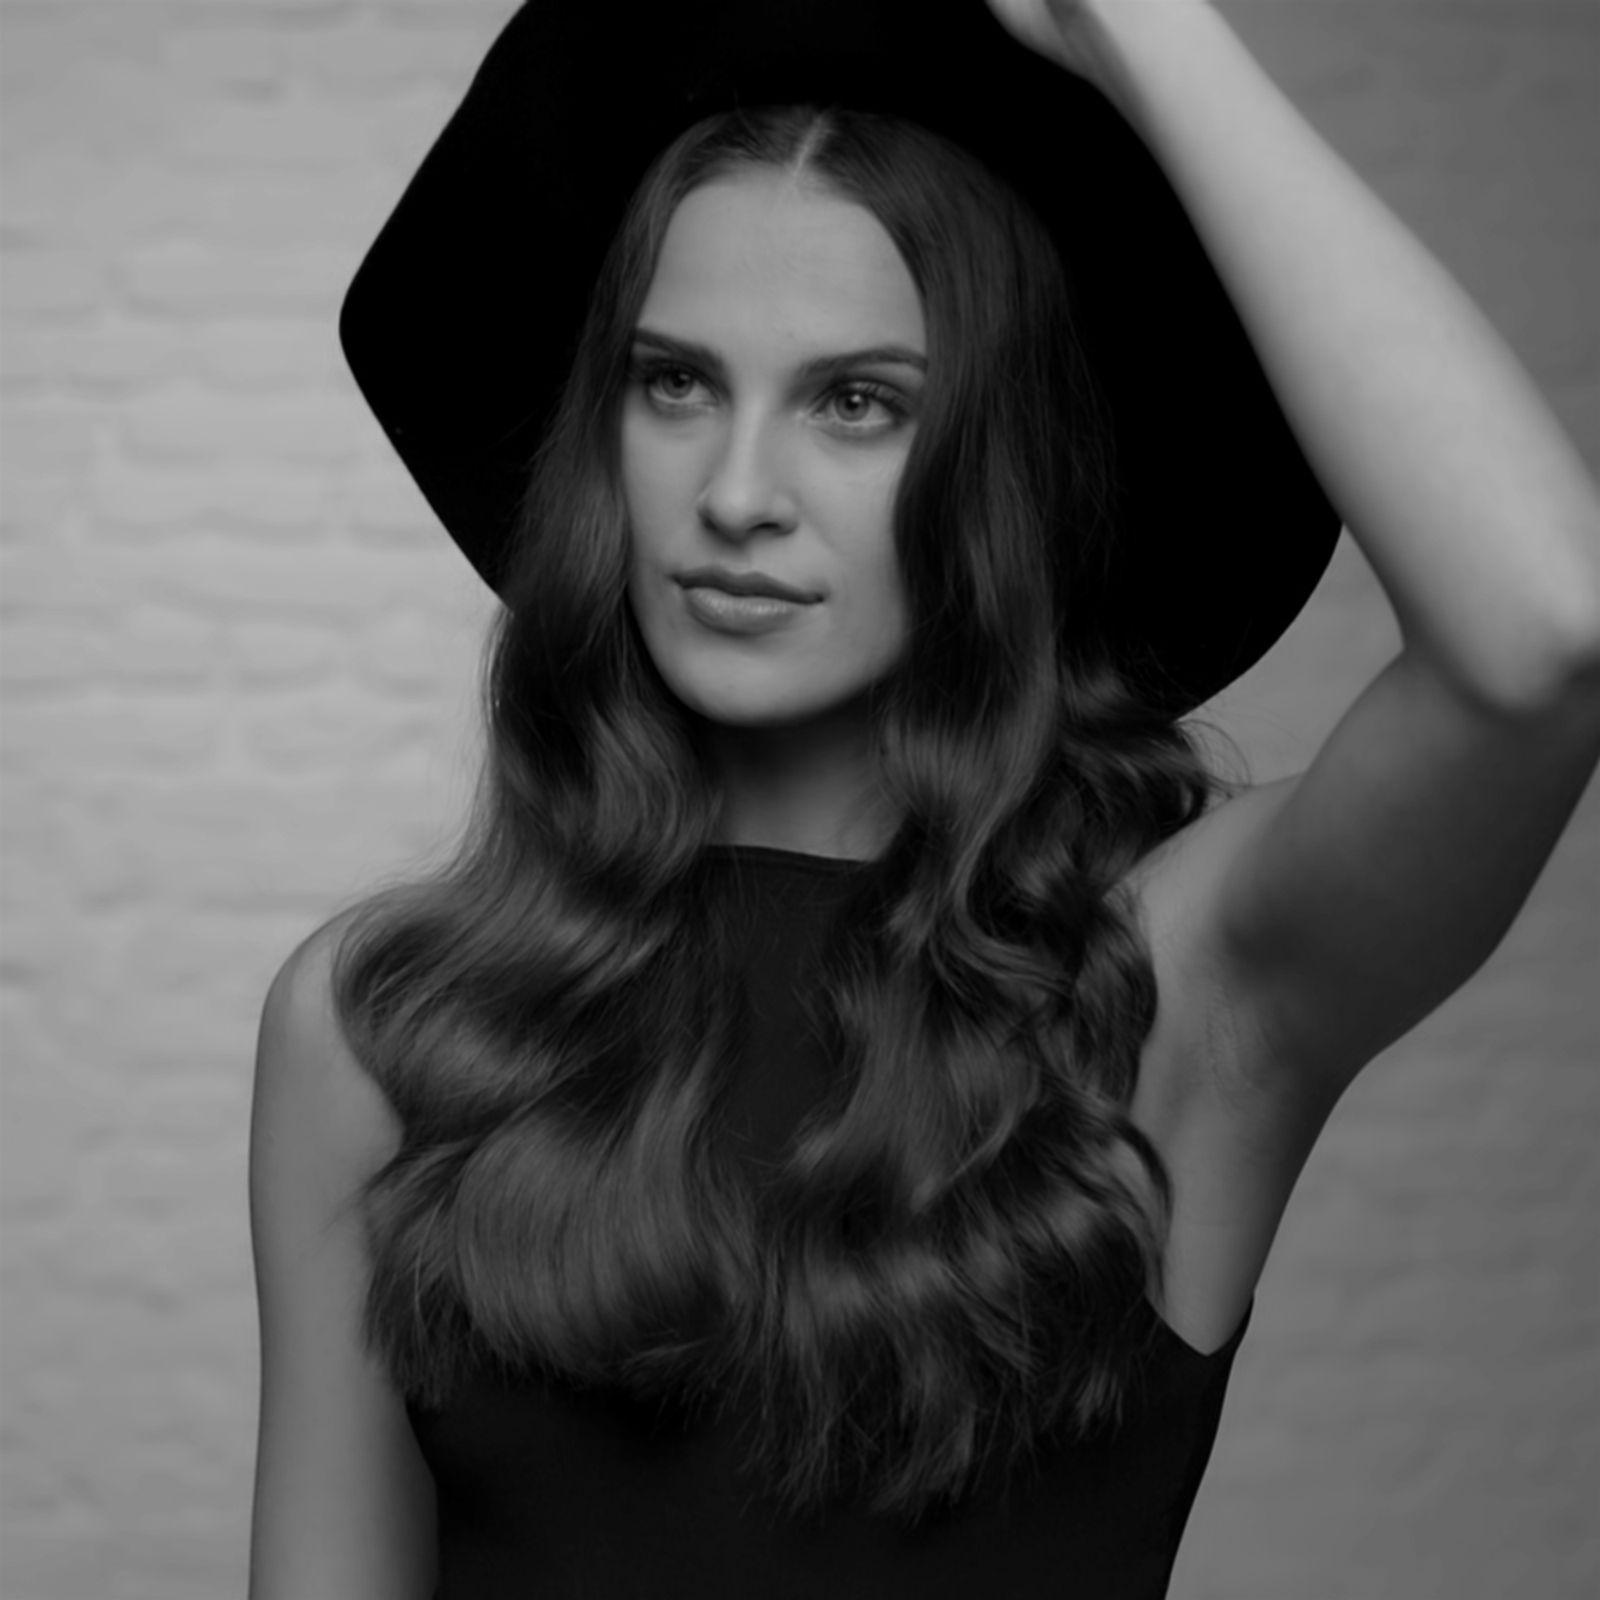 Model w/ Hat